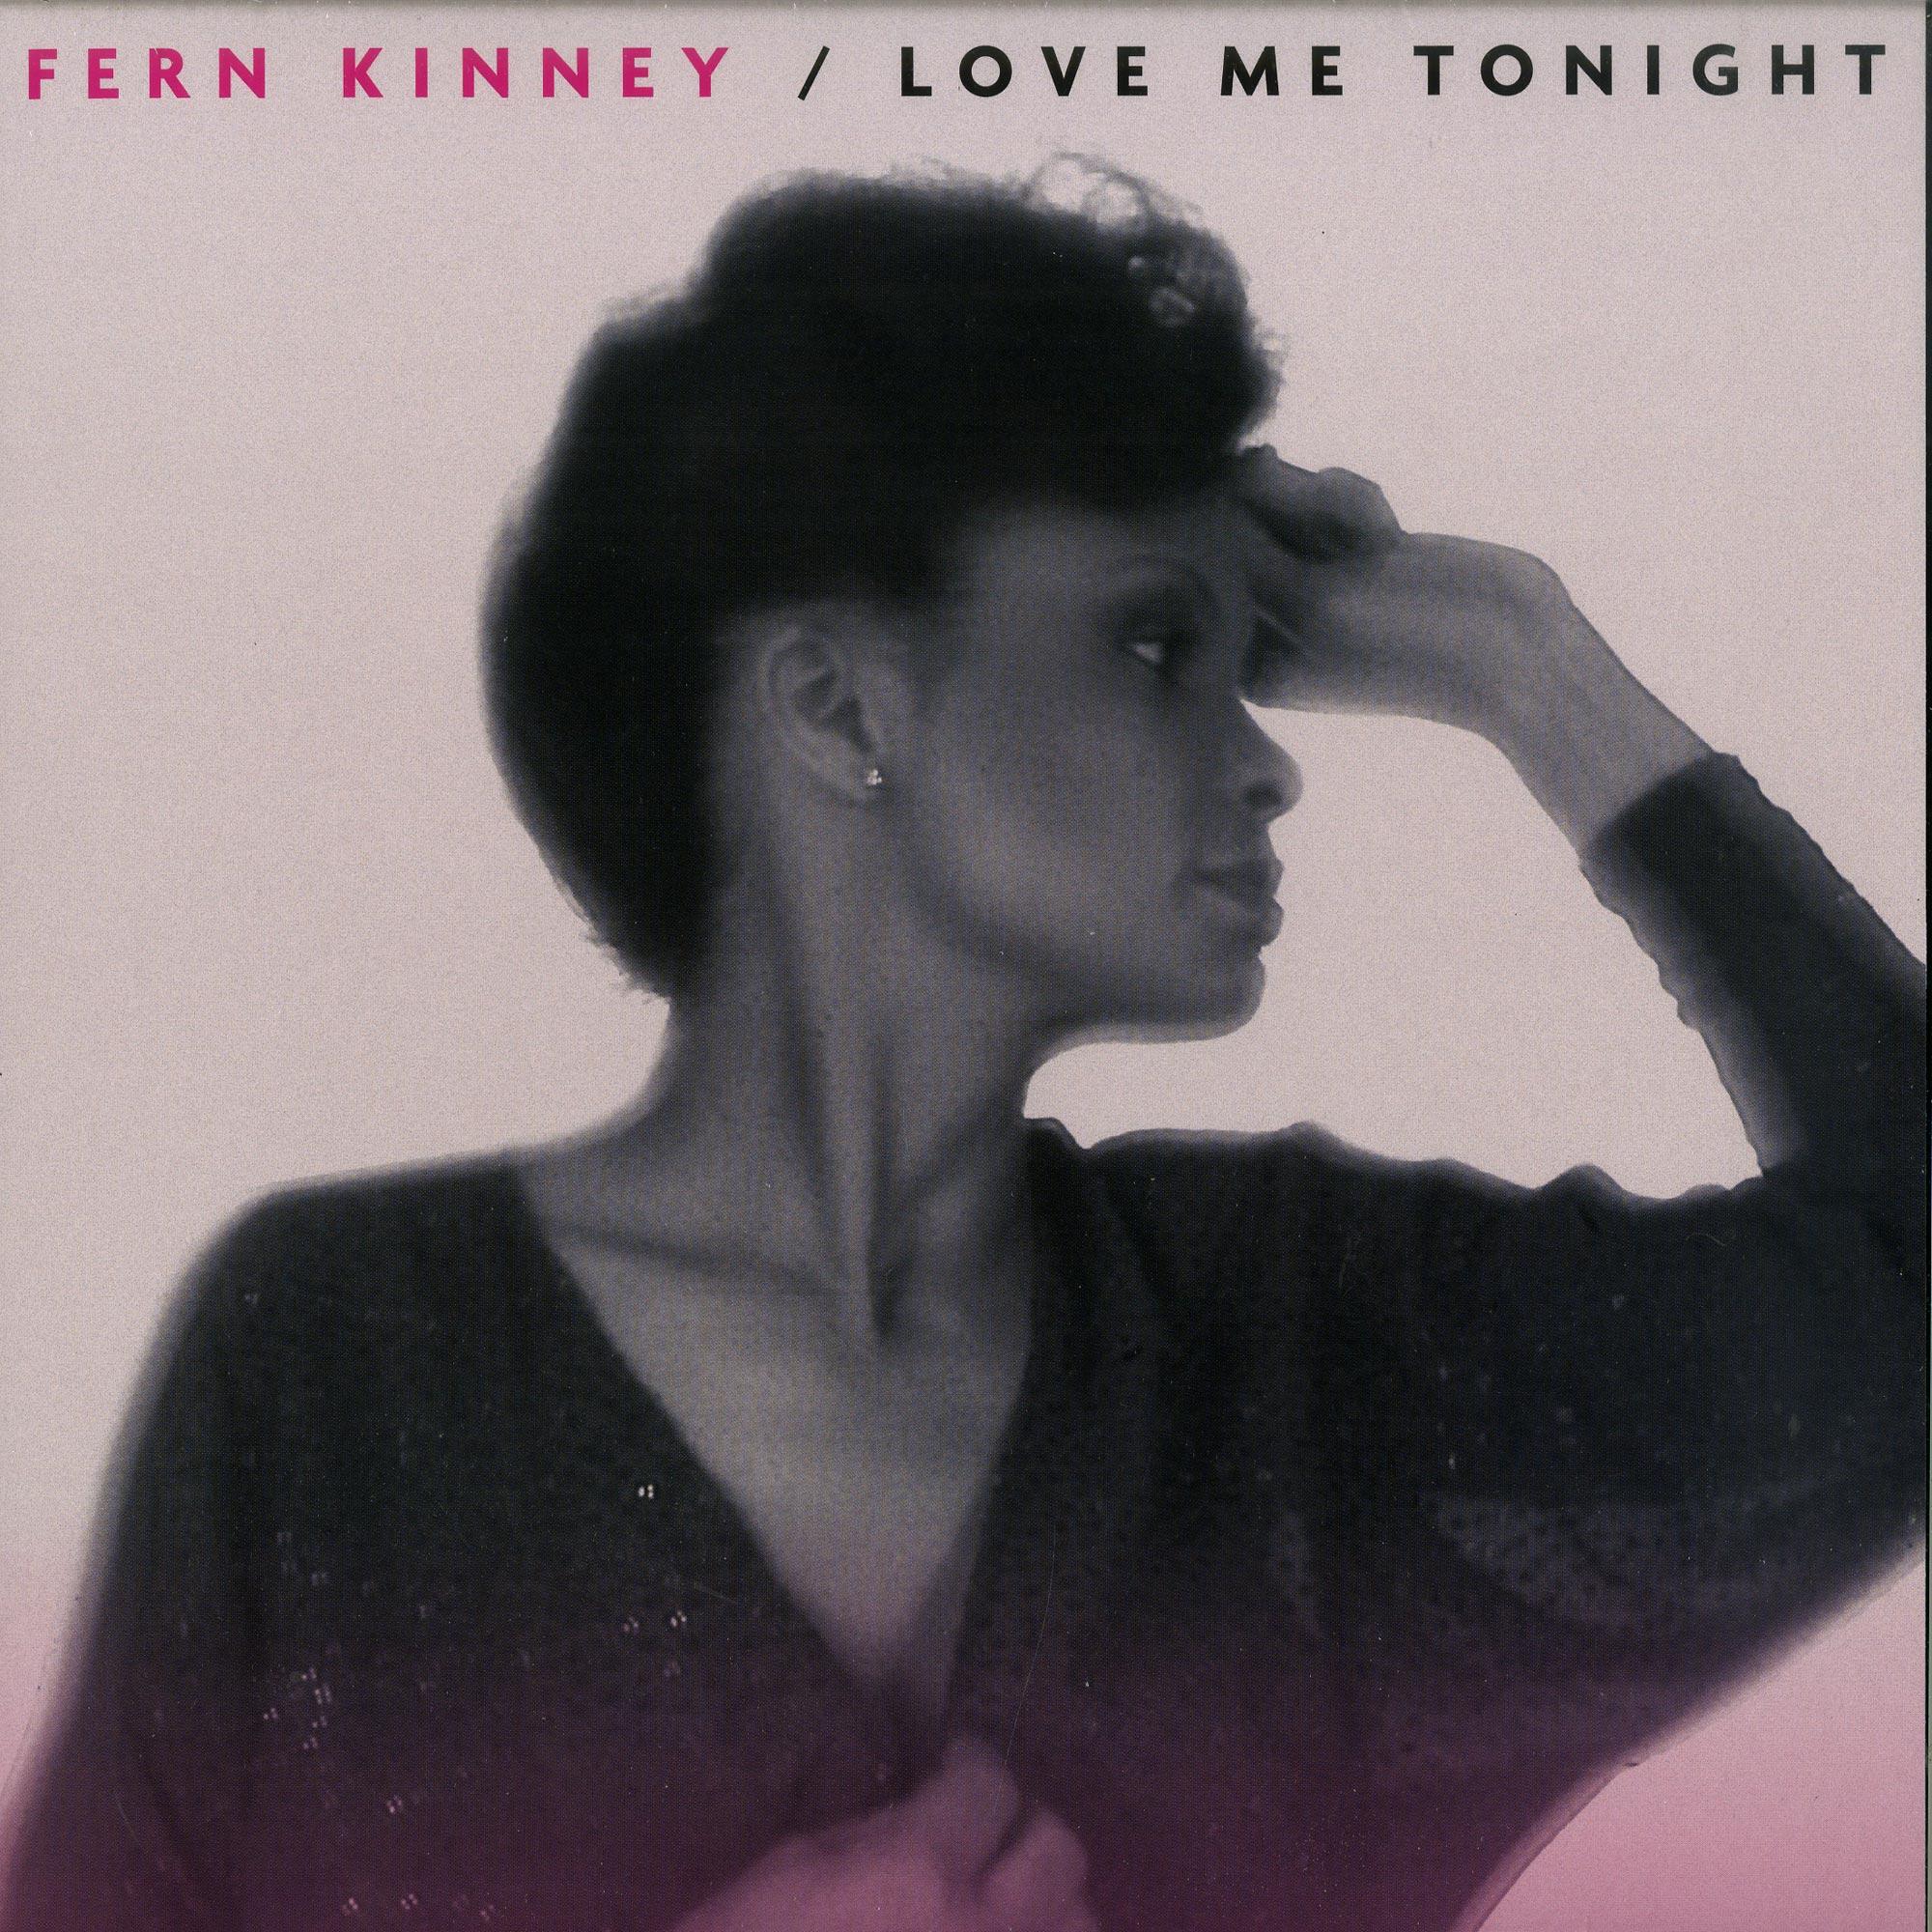 Fern Kinney - LOVE ME TONIGHT